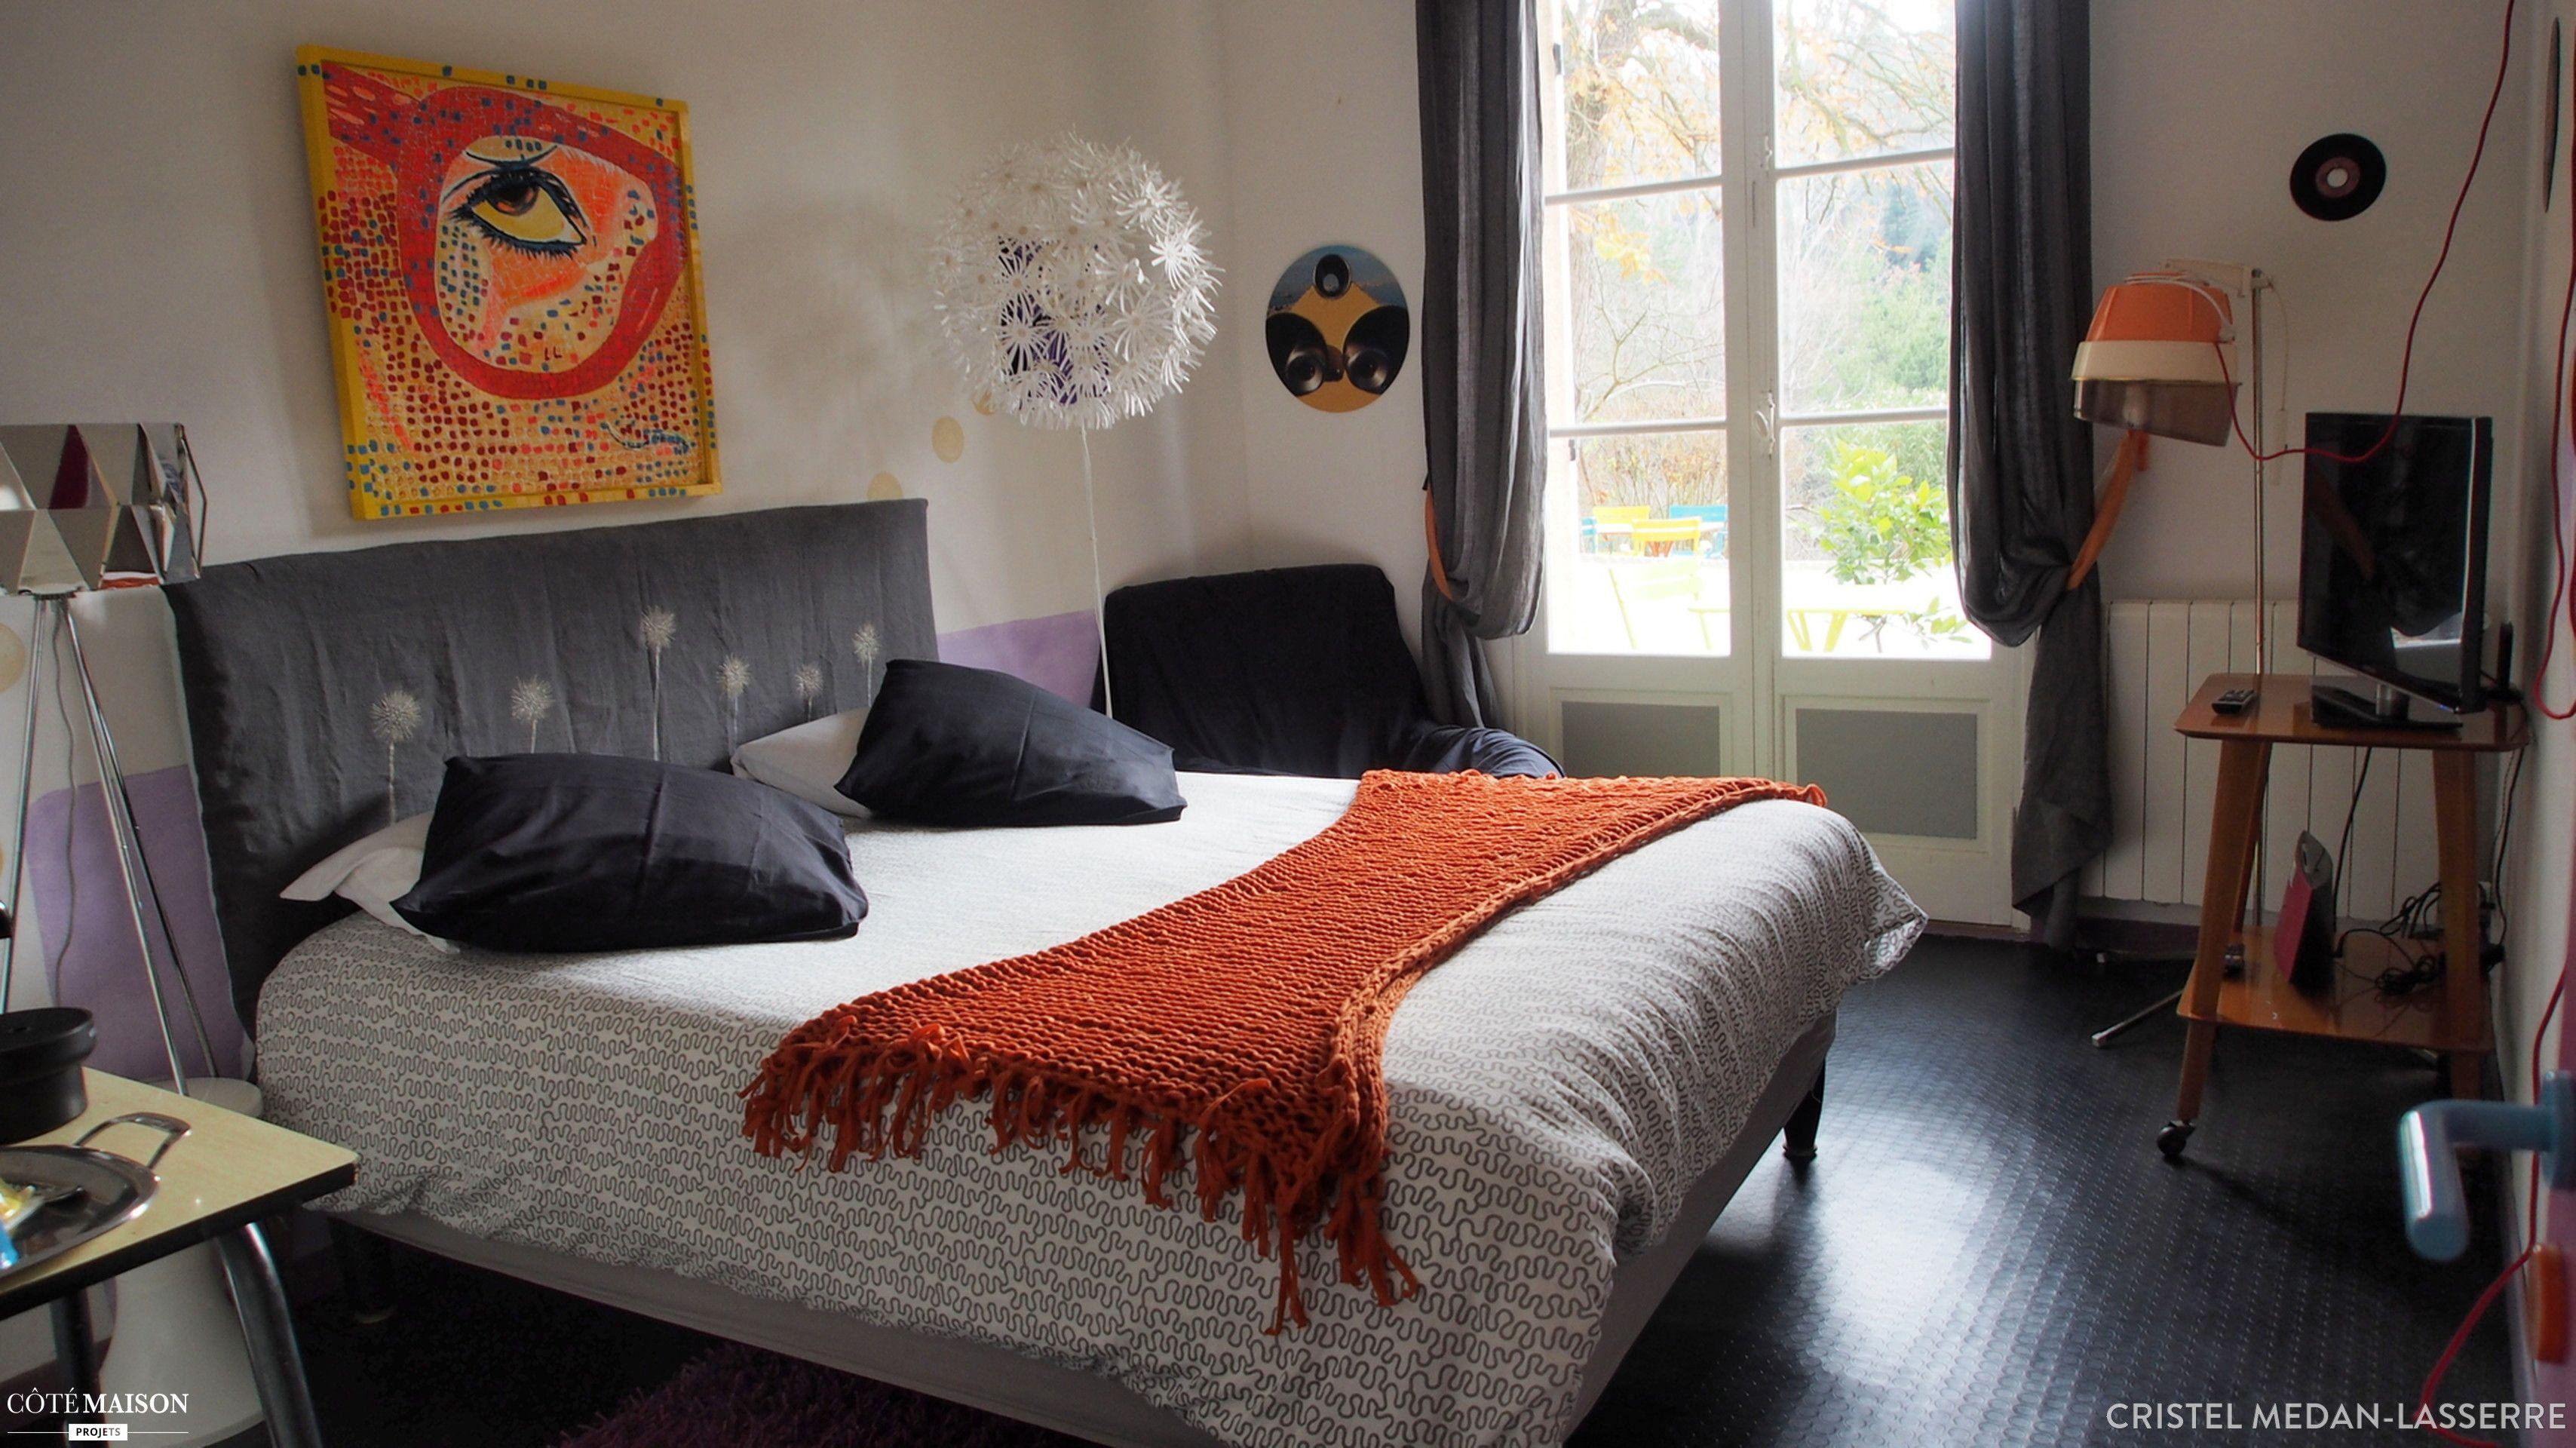 La Déco De Cette Chambre Nous Invite à La Rêverie, La Literie Blanche Et  Orange Su0027accorde Parfaitement Au Reste De La Piéce